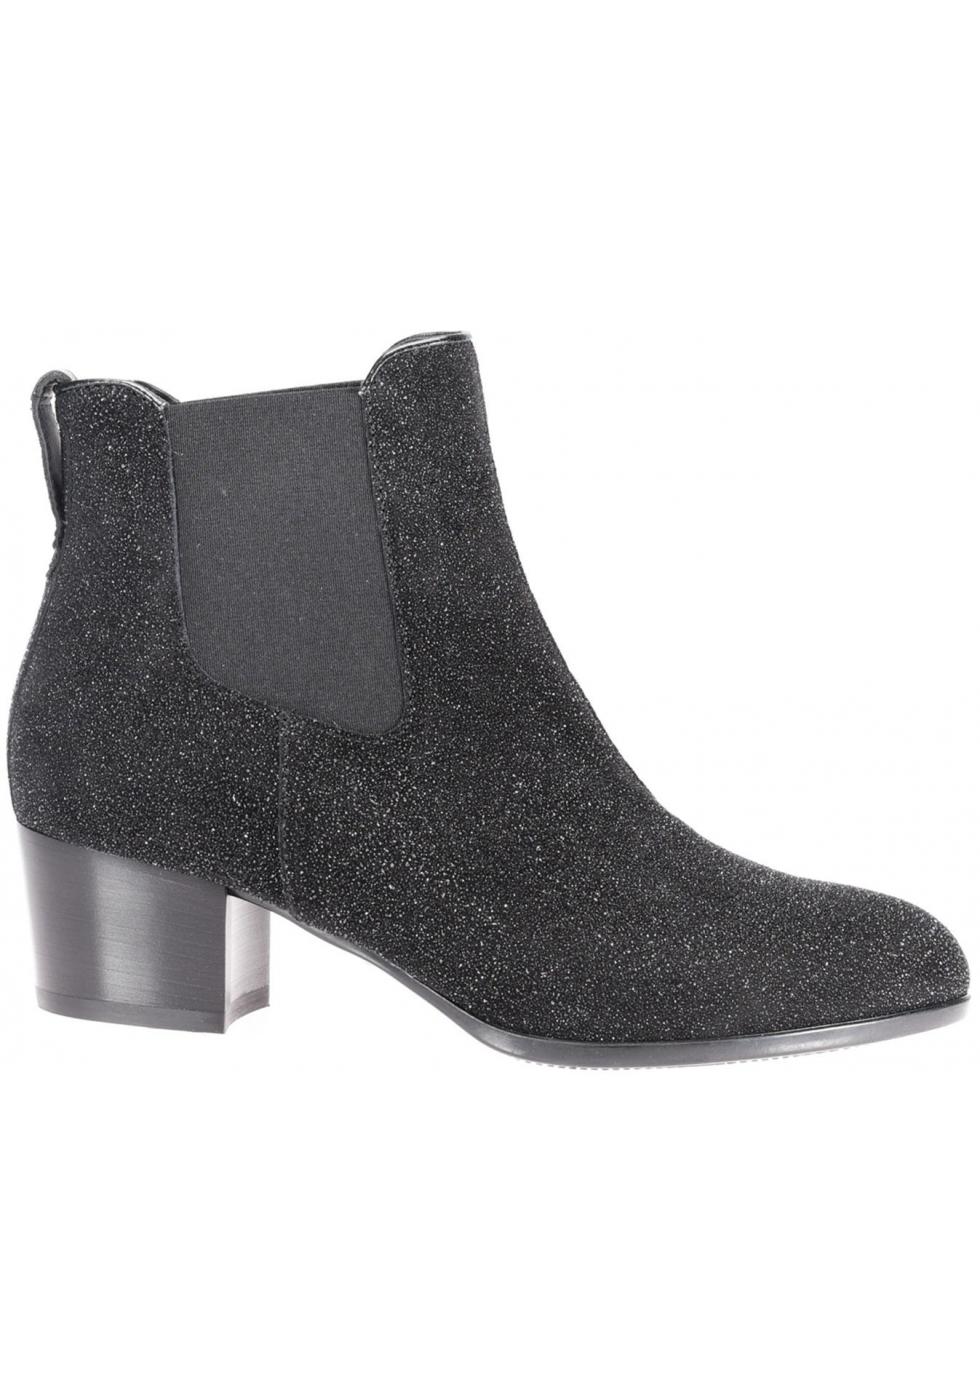 Hogan Kitten Heel Ankle Boots In Black Suede Glitter